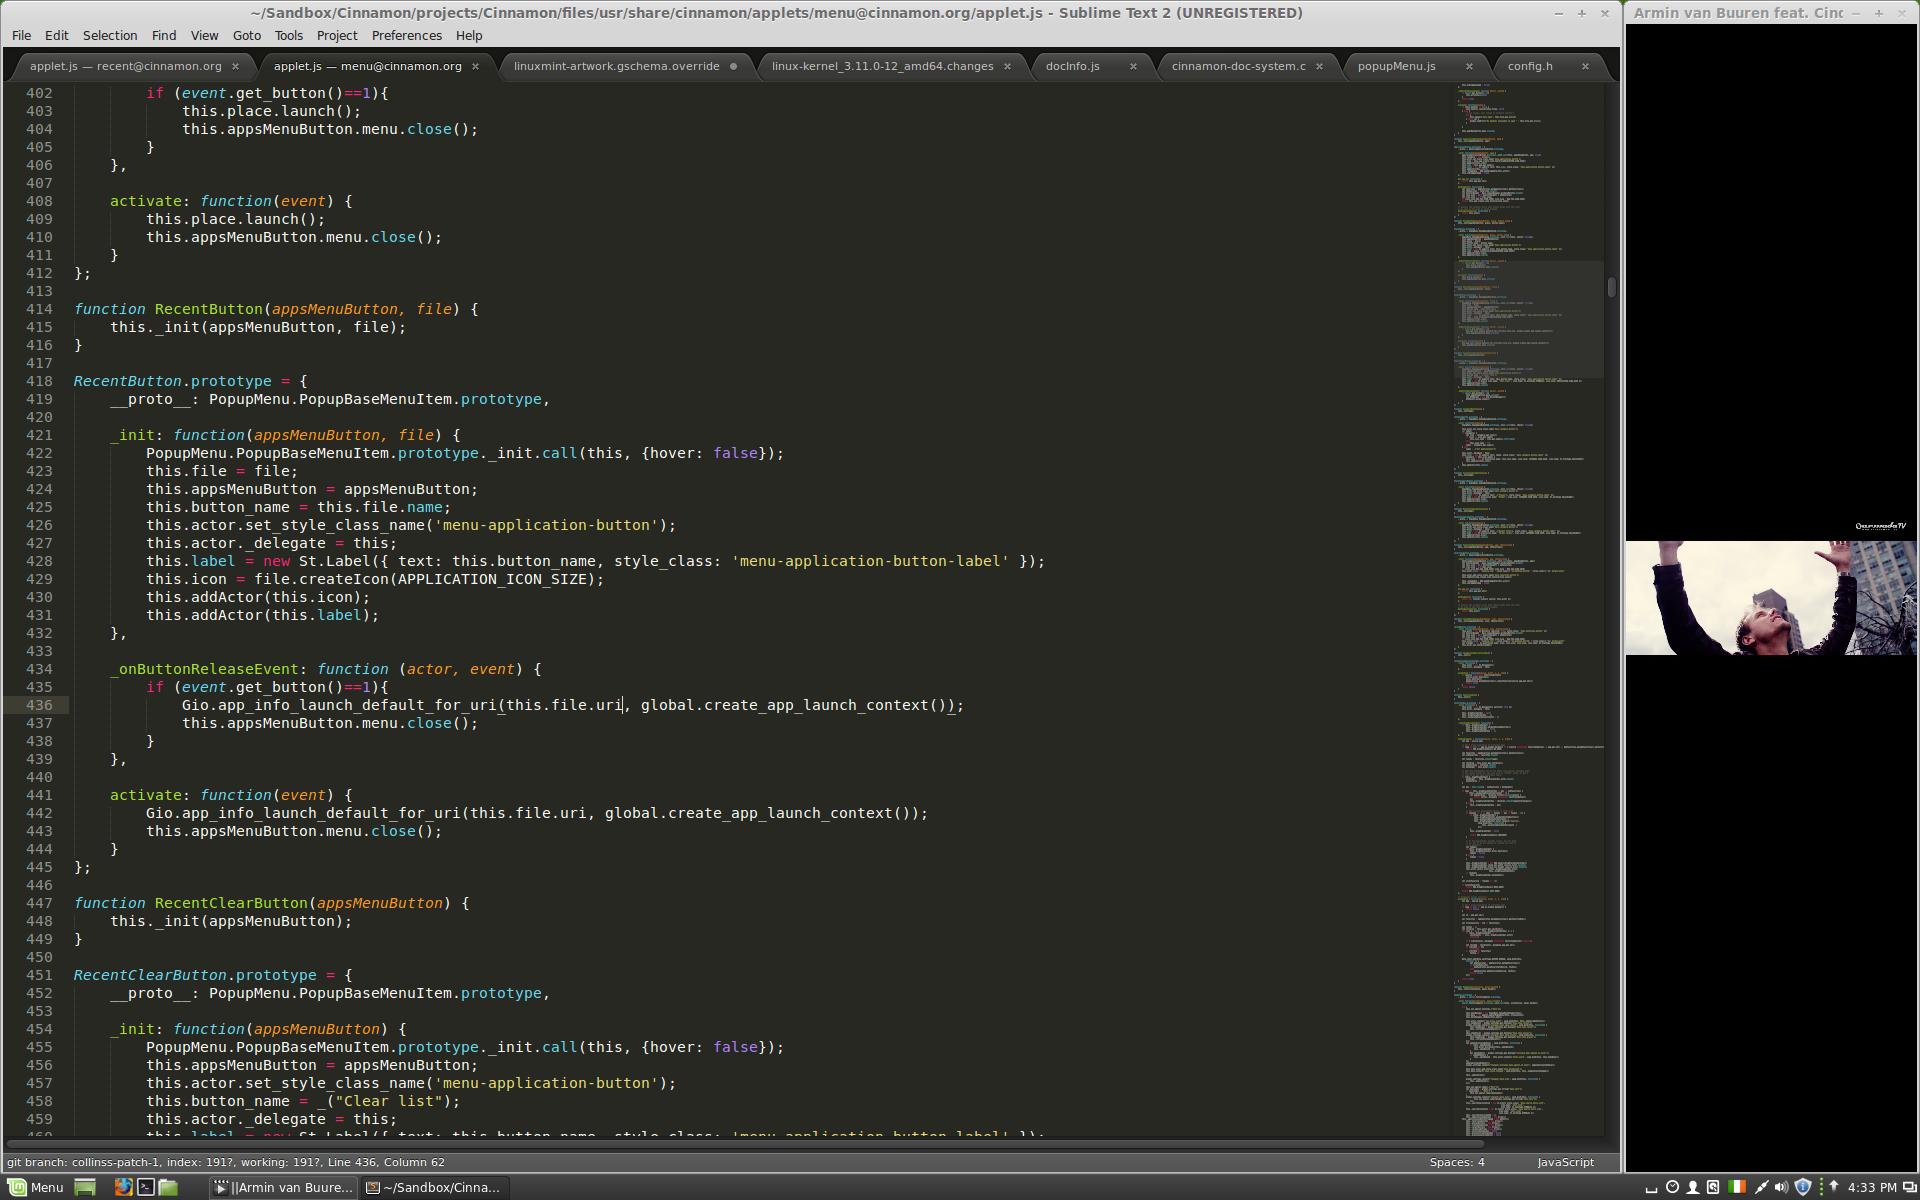 La nuova funzionalità di edge-snapping su Cinnamon 2.0 (fonte: linuxmint.com)